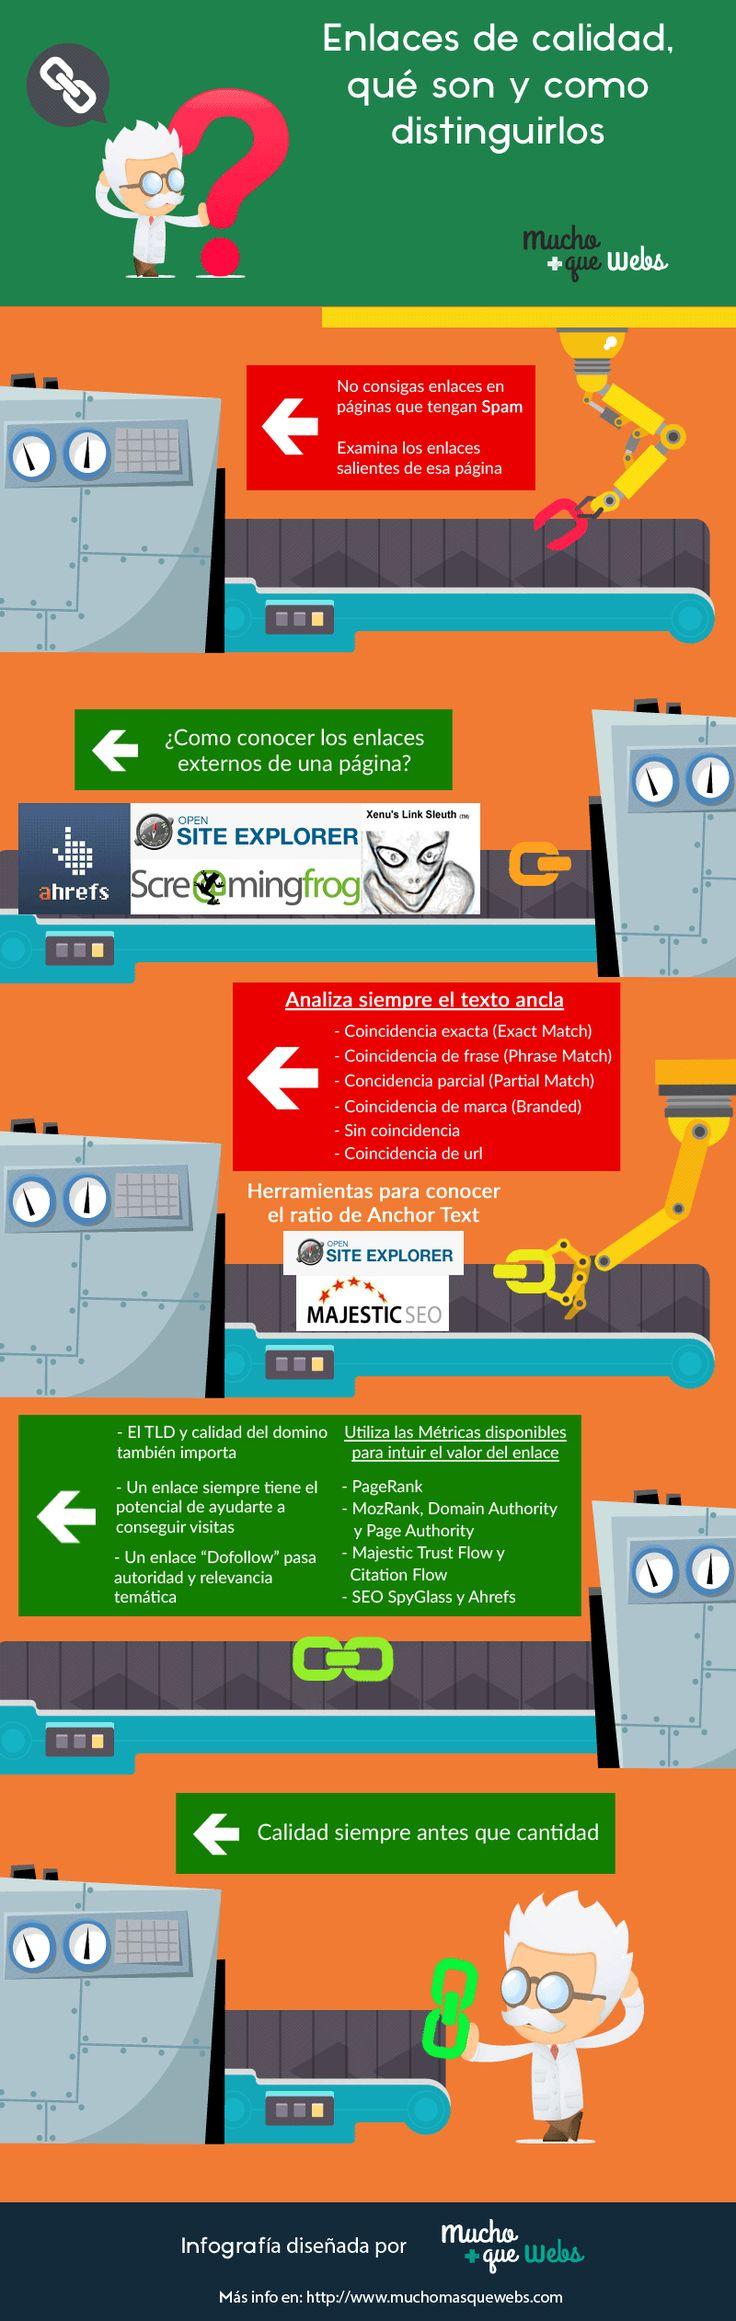 Infografia en castellano para que sepas que son los enlaces de calidad y como identificarlos para mejorar➚ tu posicionamiento SEO by @muchomasquewebs  #seo #linkbuilding #posicionamientoweb